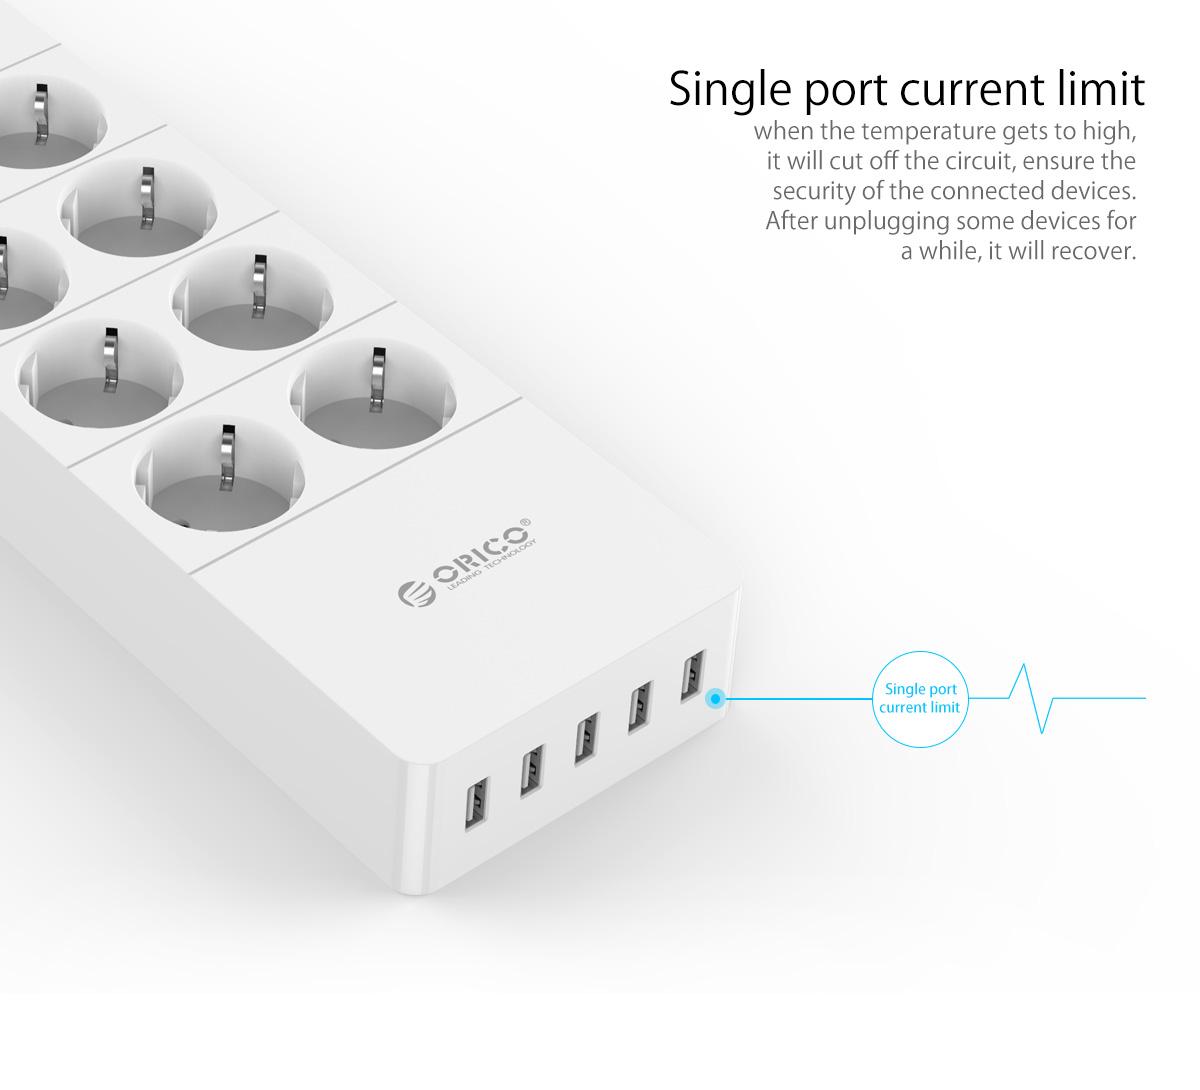 single port current limit